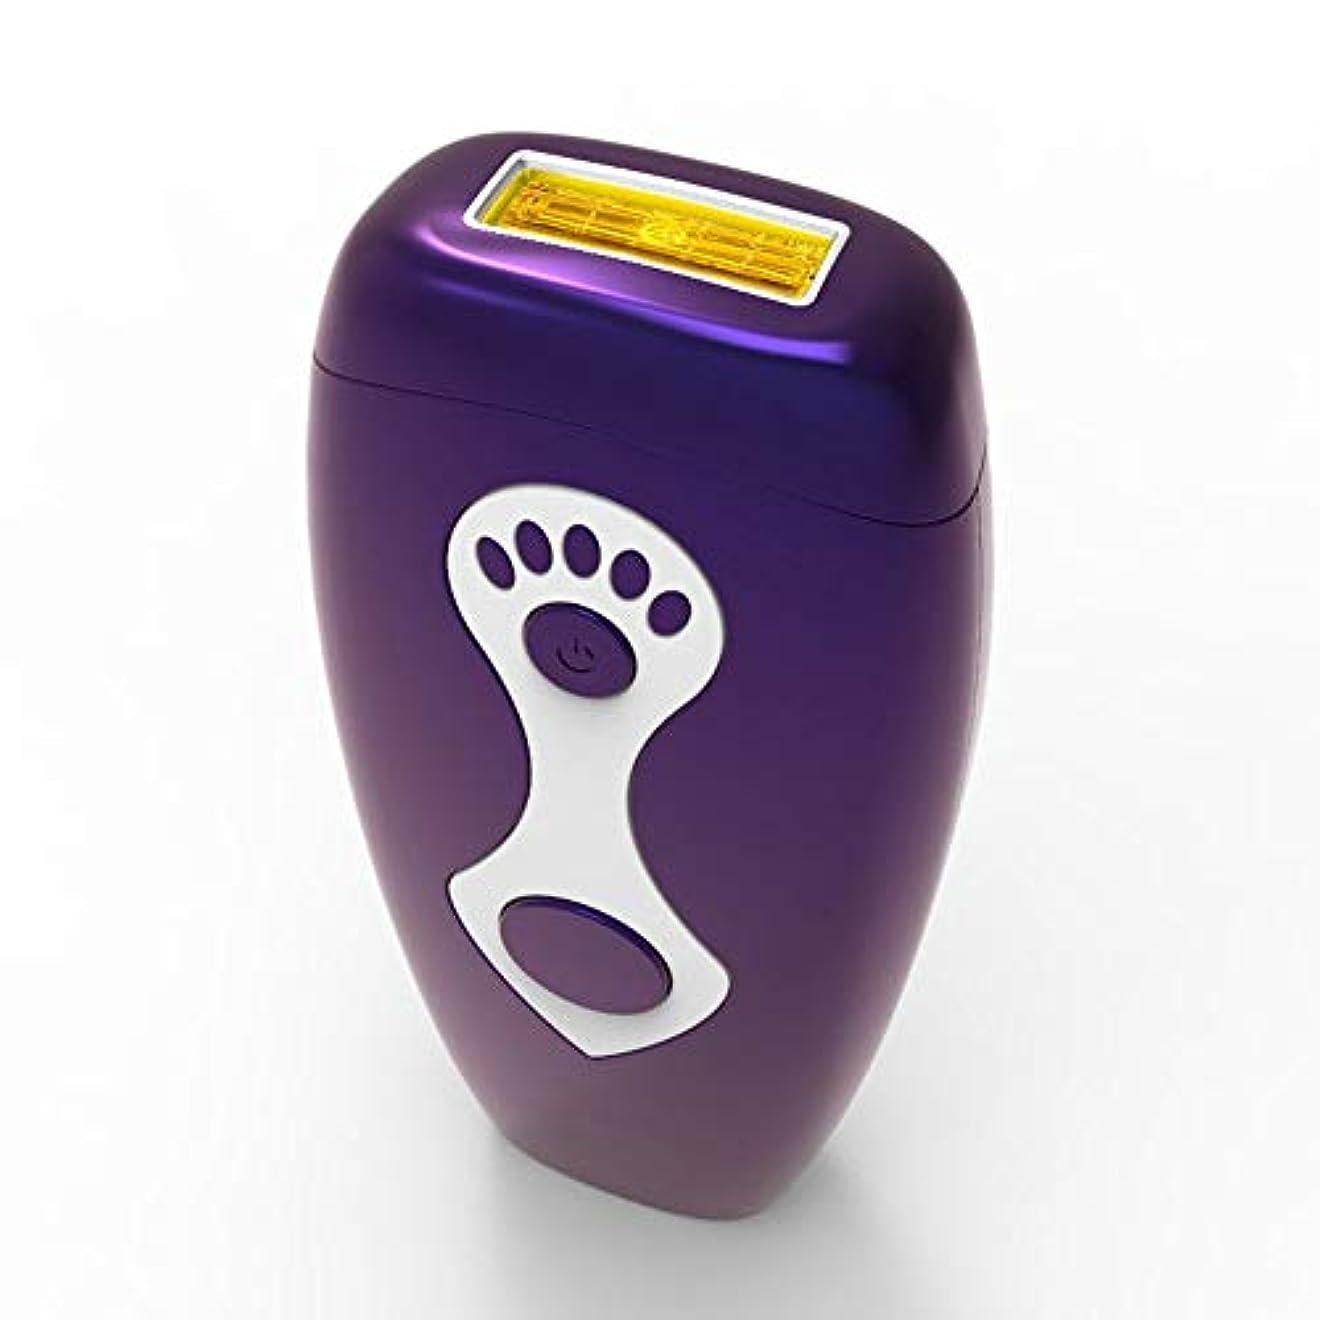 典型的なガジュマルズームインするNuanxin パーマネント脱毛、家庭用ニュートラルヘアリムーバー、柔らかい肌、マルチ運動エネルギー、安全性、グレード5無料調整、サイズ7.5×16.5 Cm F30 (Color : Purple)